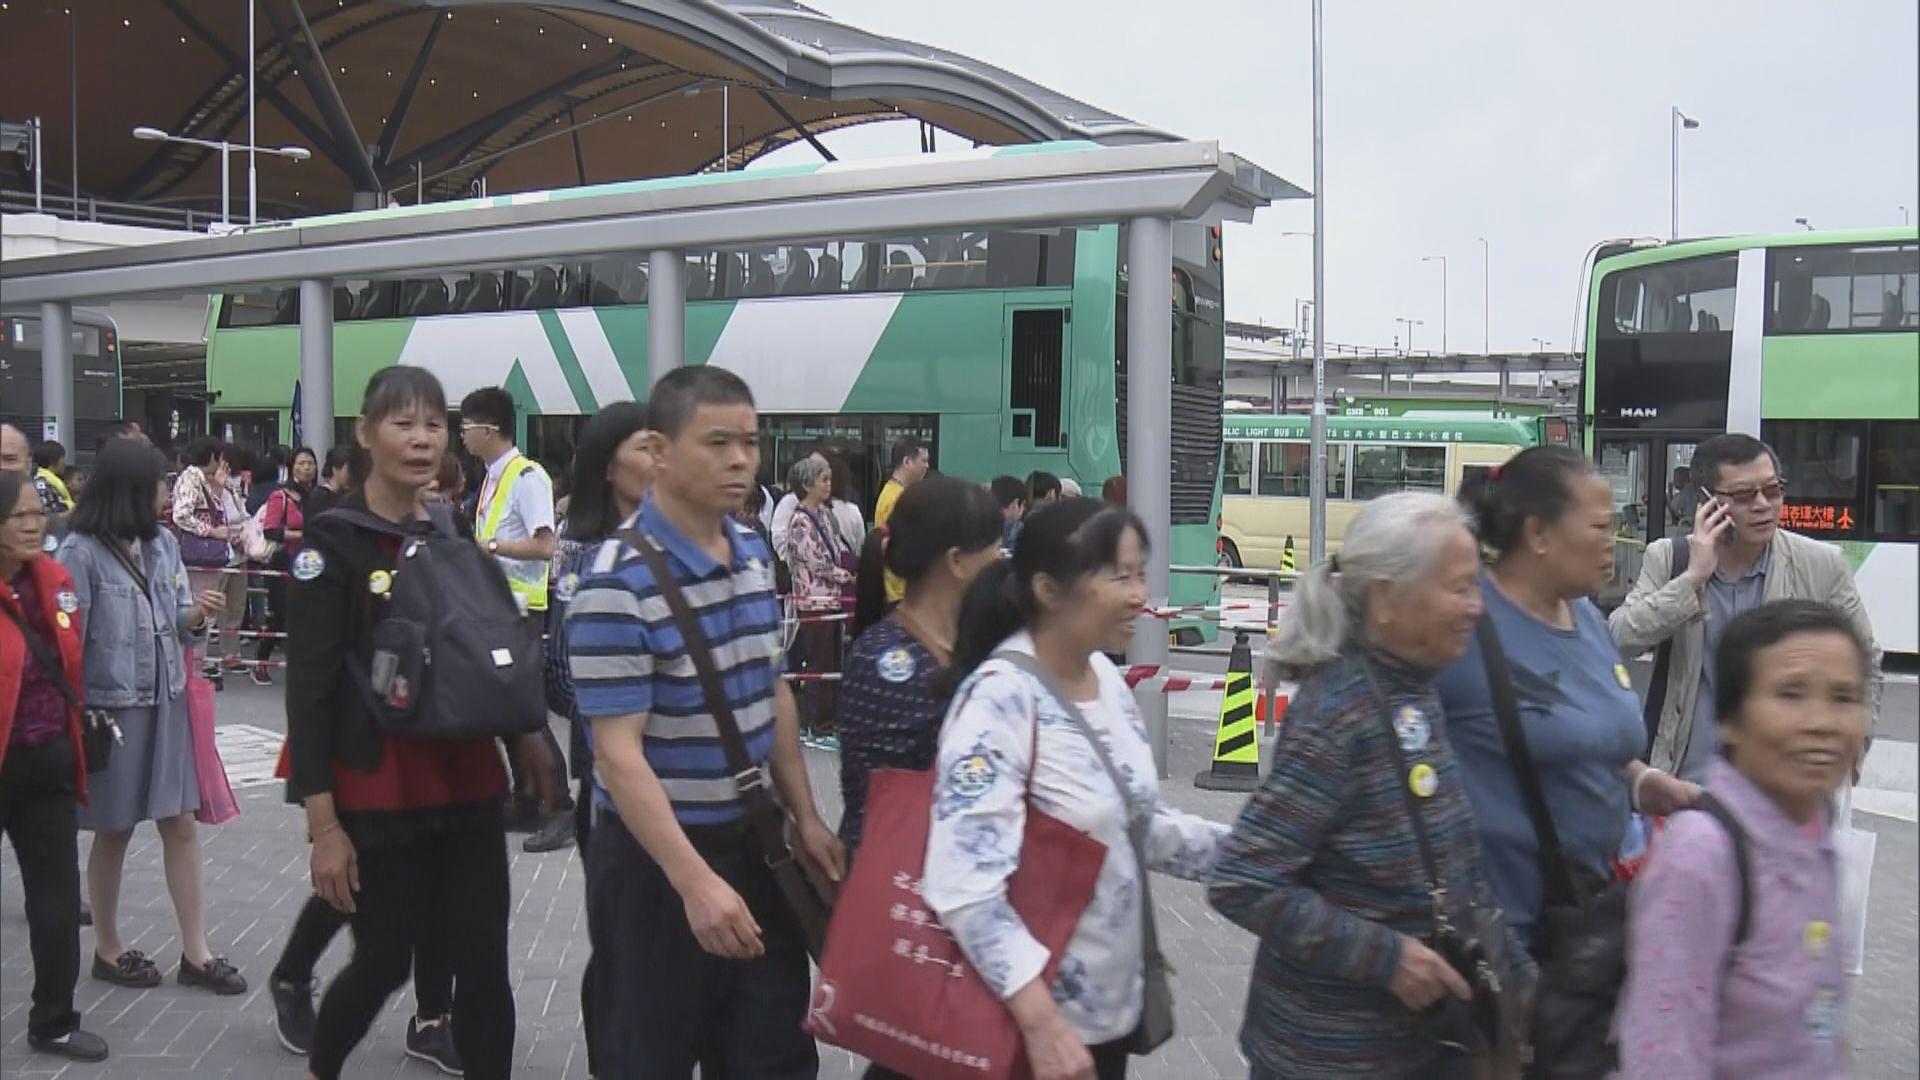 政府放寬旅遊巴申請到香港口岸上客